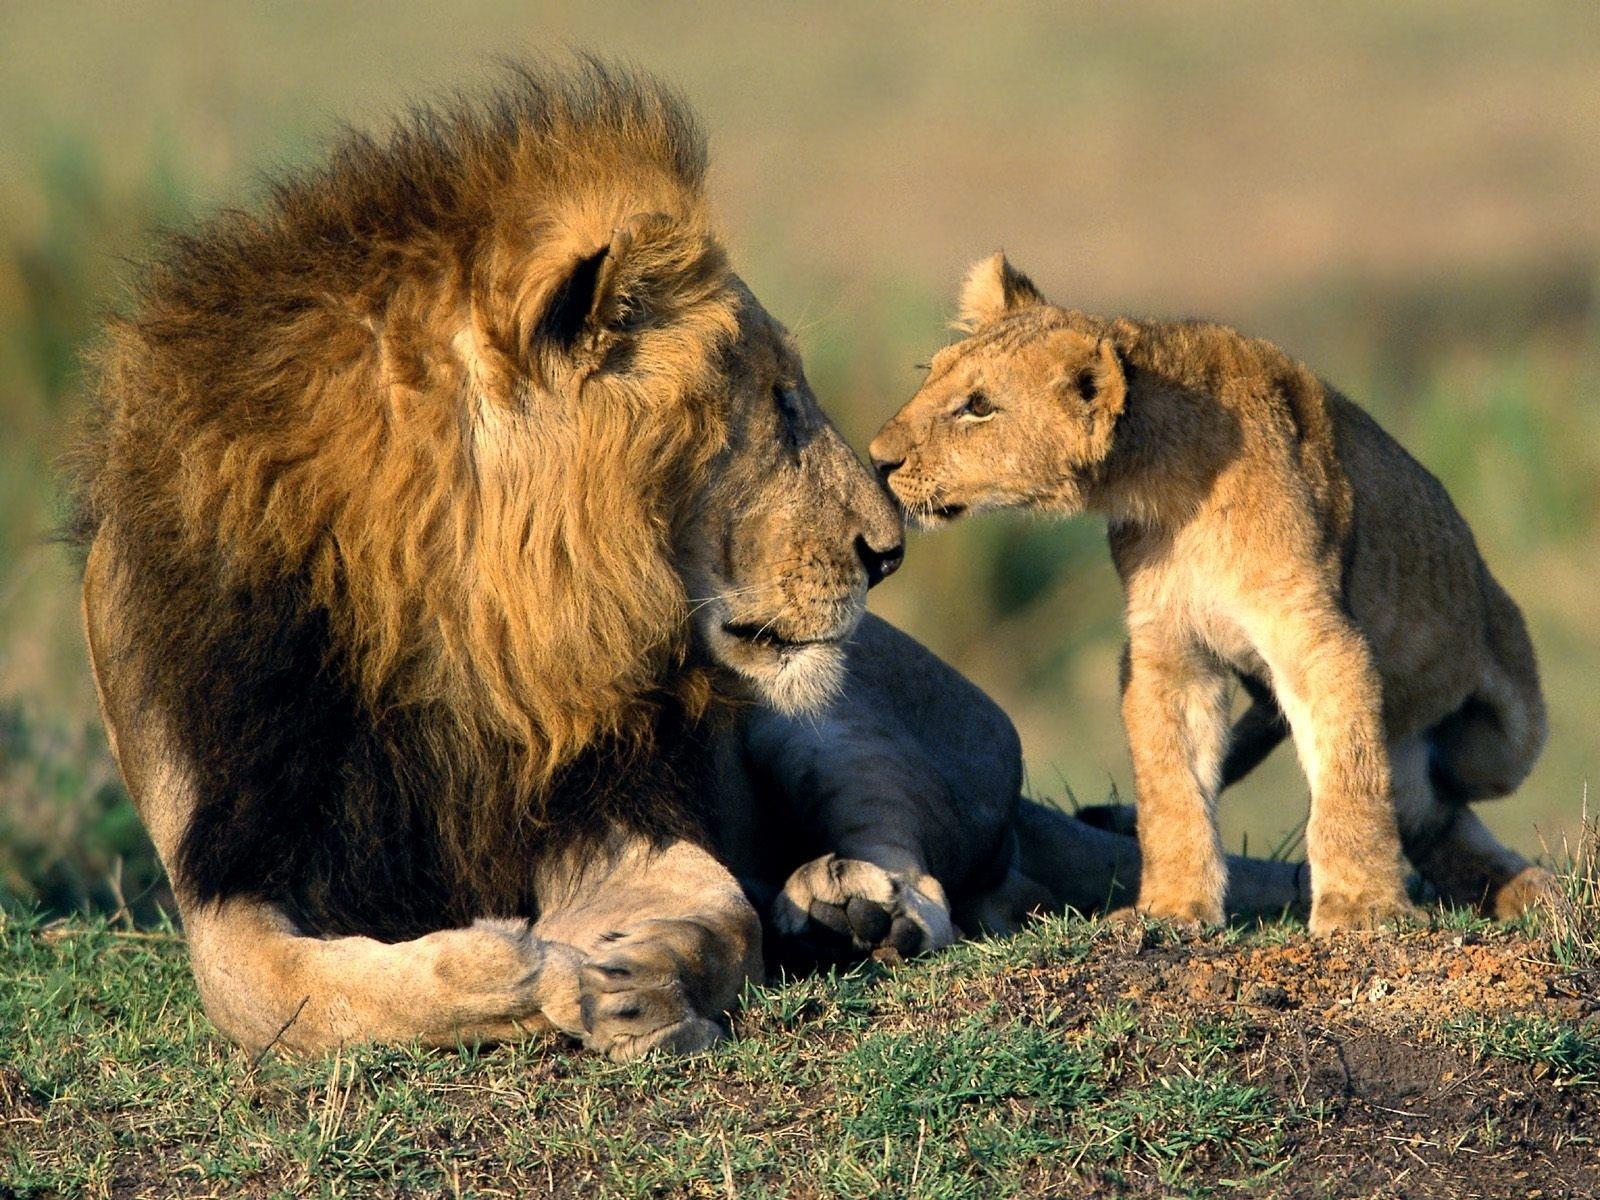 鼻をくっつけるライオン親子